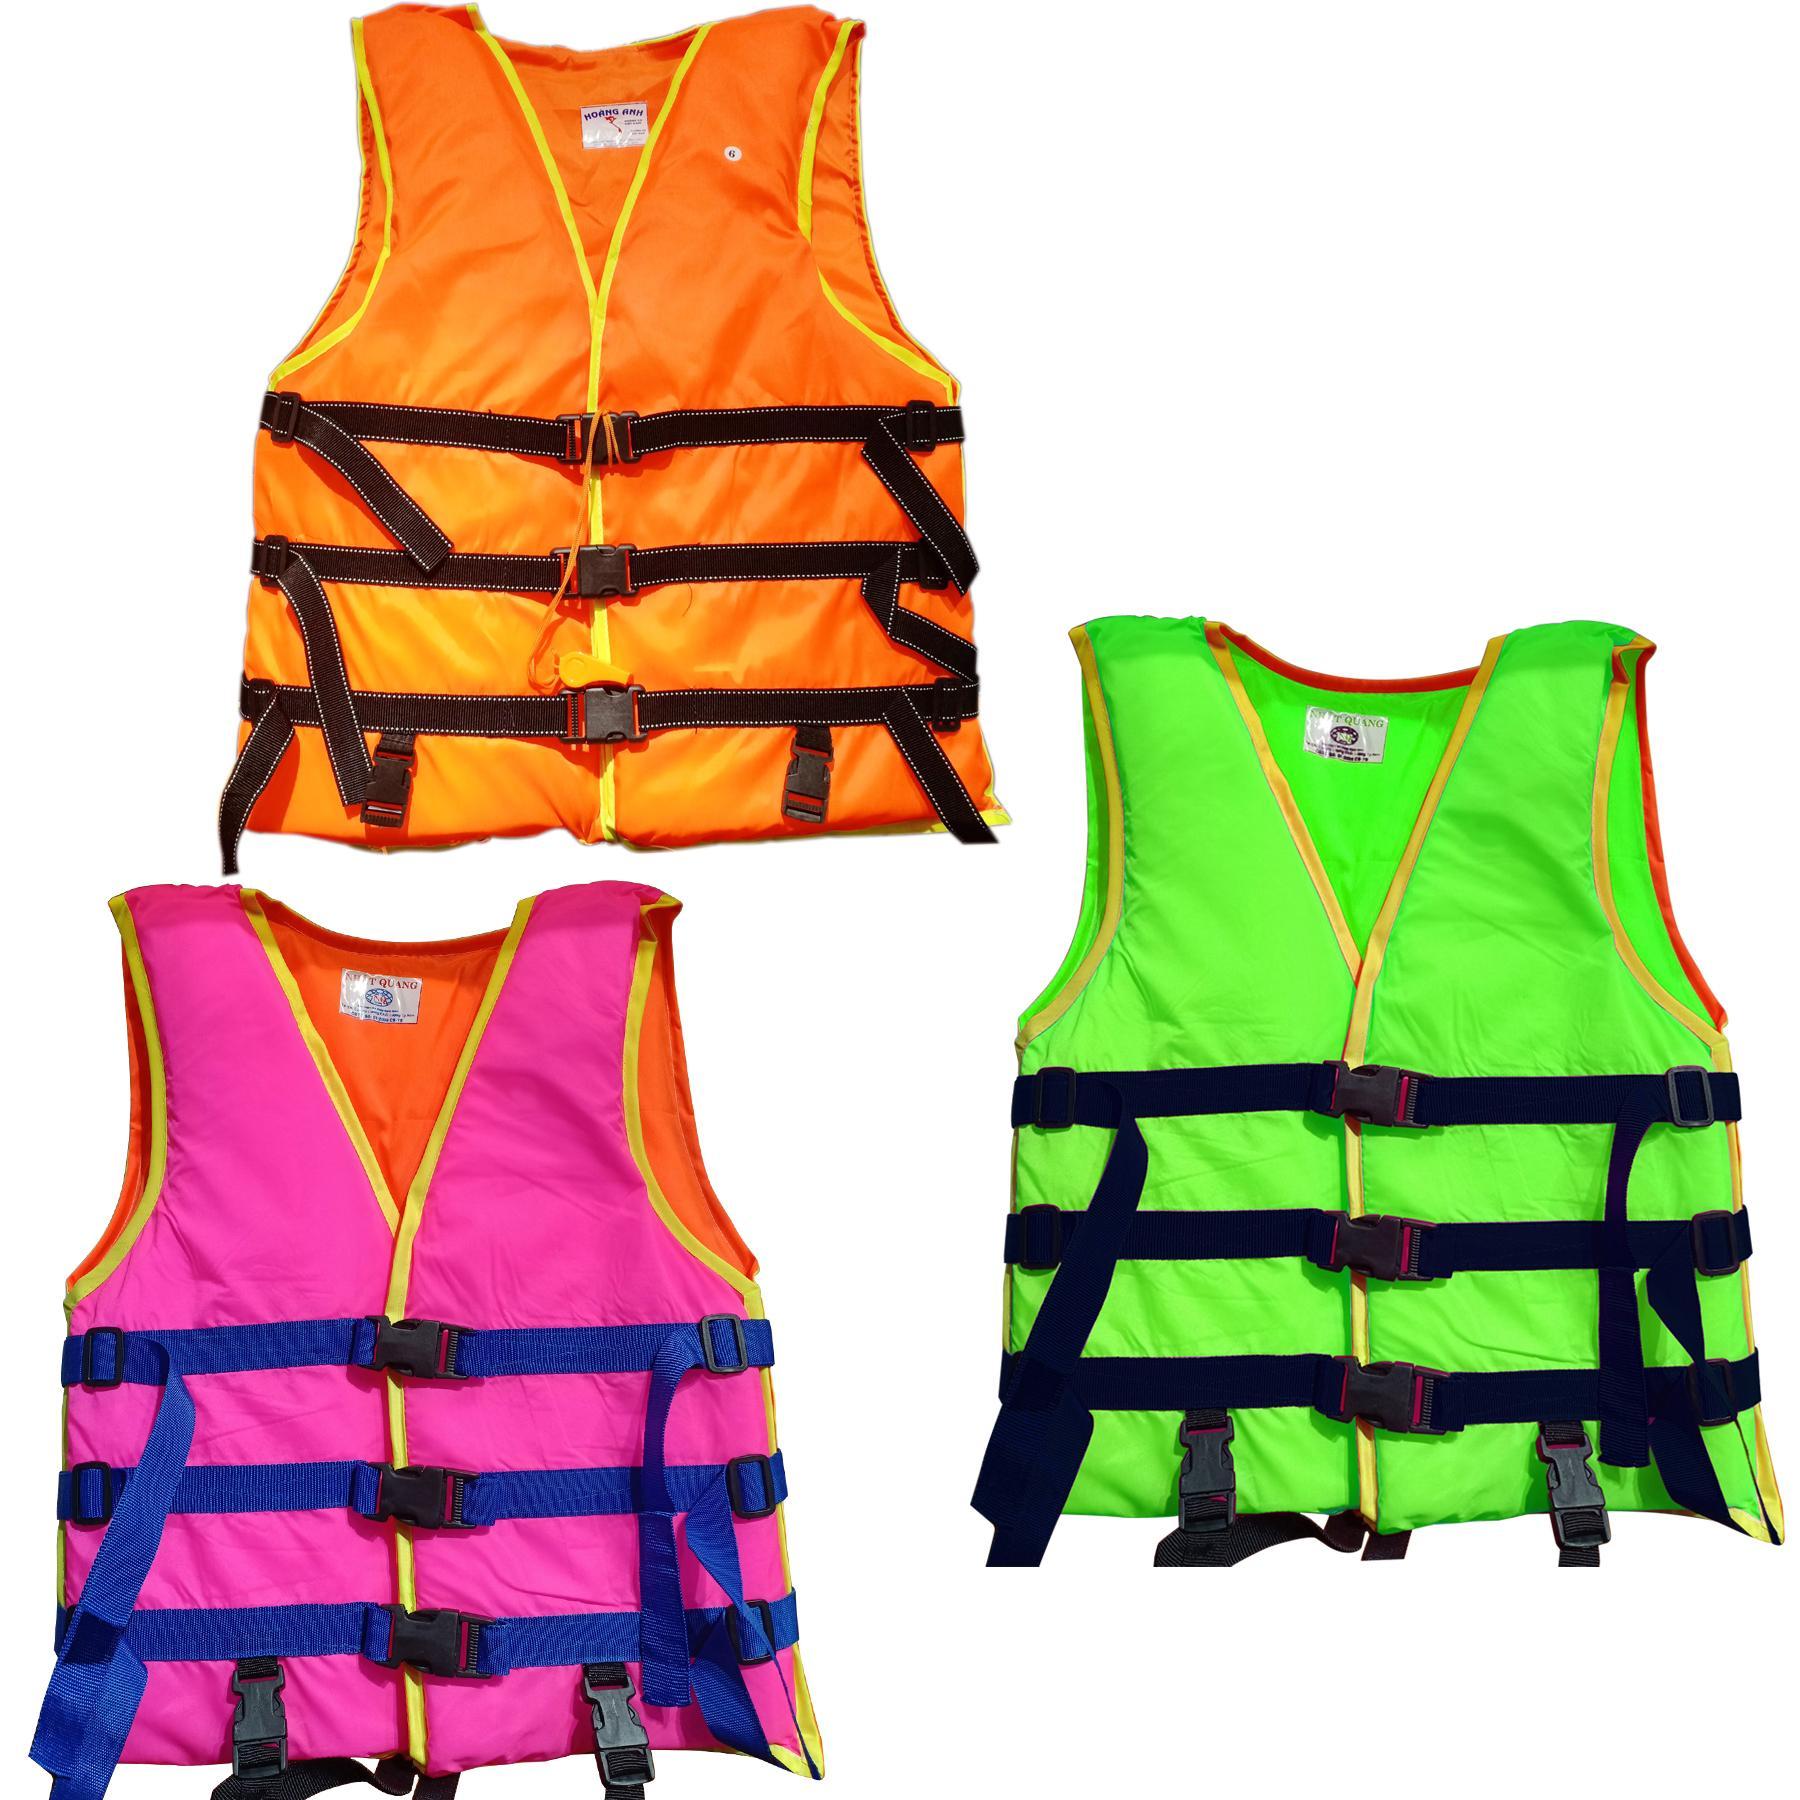 Áo phao cứu hộ size số 6 dành cho tuổi từ 17 tuổi trở lên | áo phao cứu hộ | áo phao bơi | áo phao bơi cứu hộ | áo phao bơi người lớn | áo phao cứu sinh